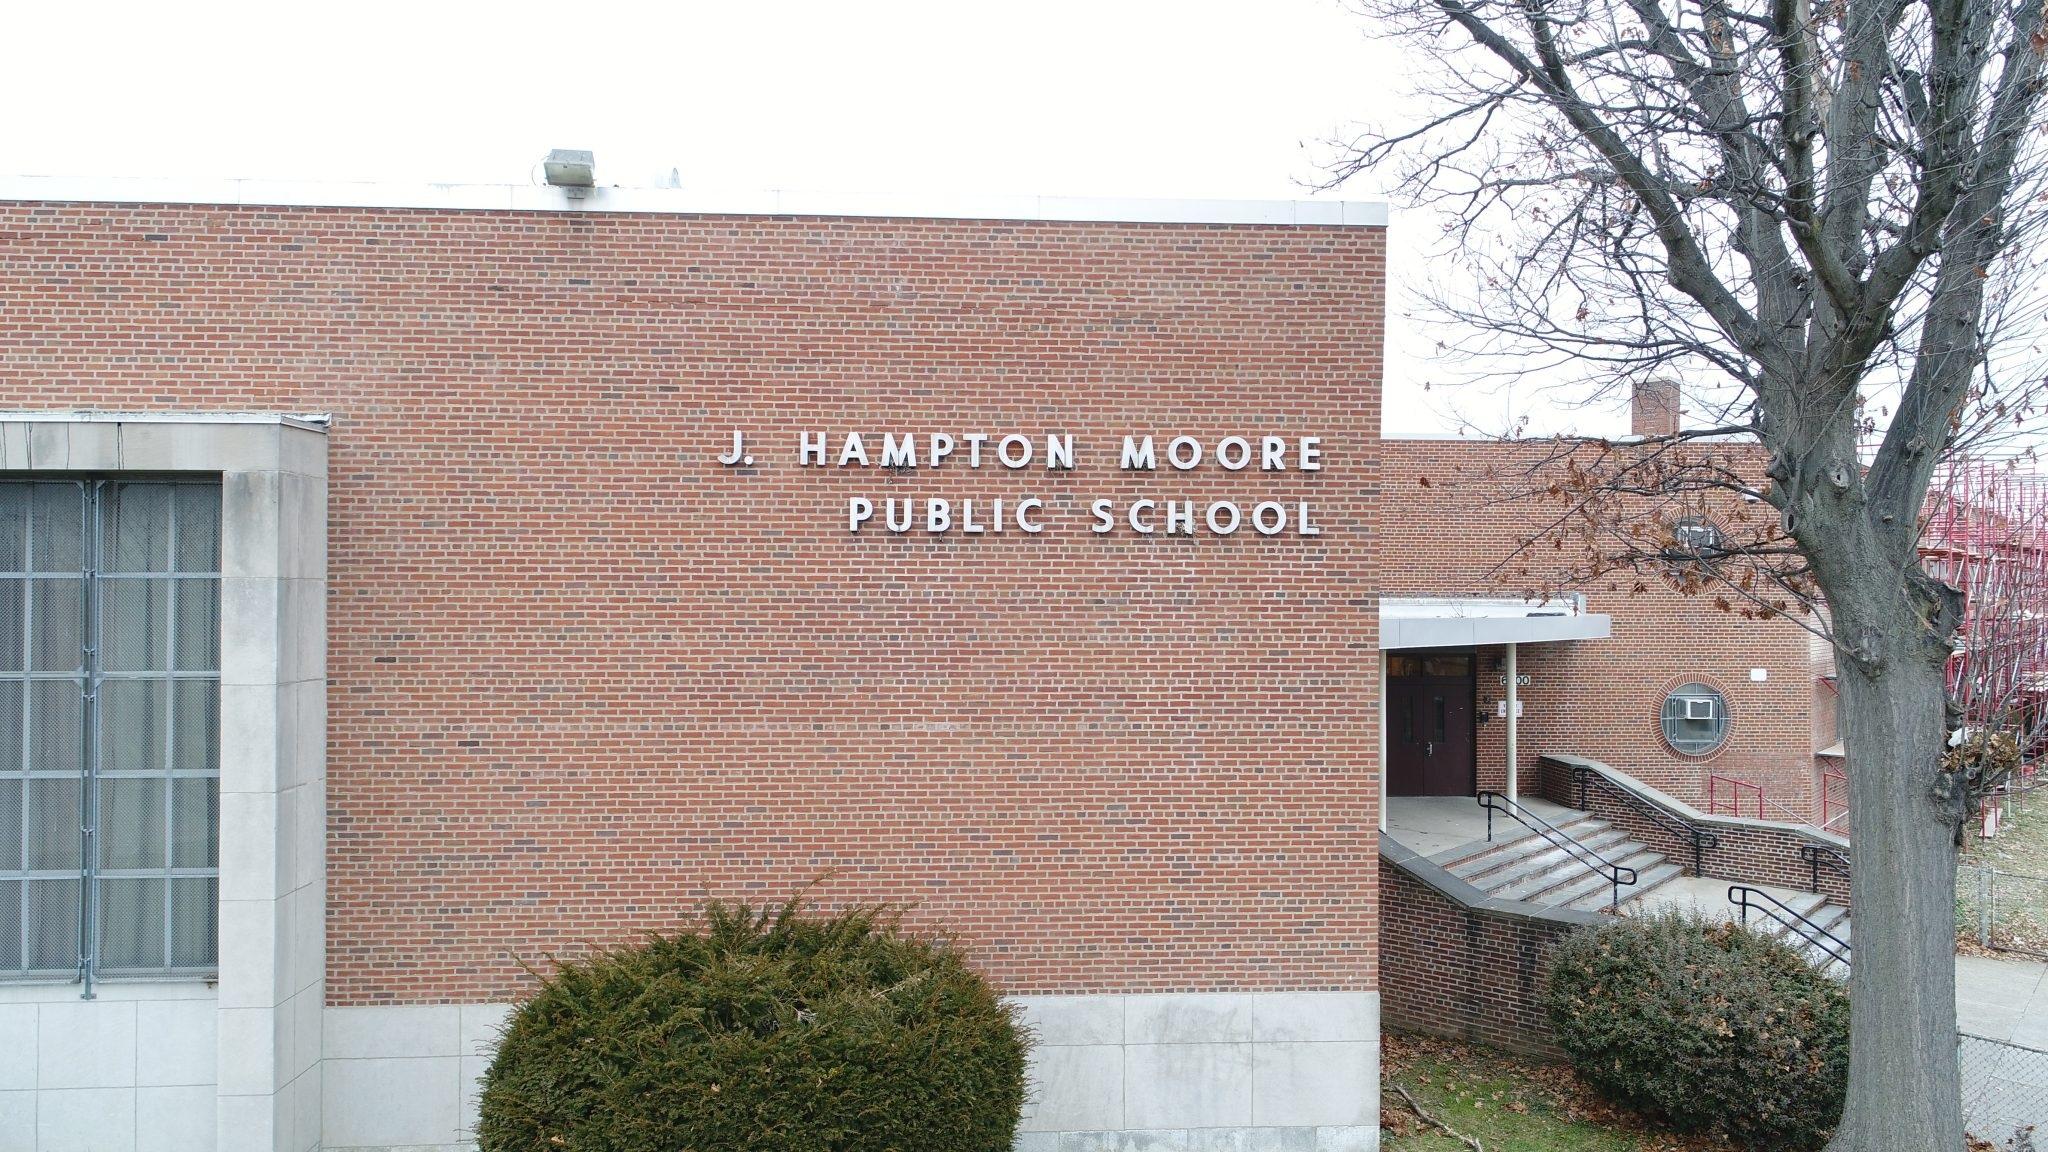 J. Hampton Moore School – The School District Of Philadelphia_J Hampton Moore School Calendar